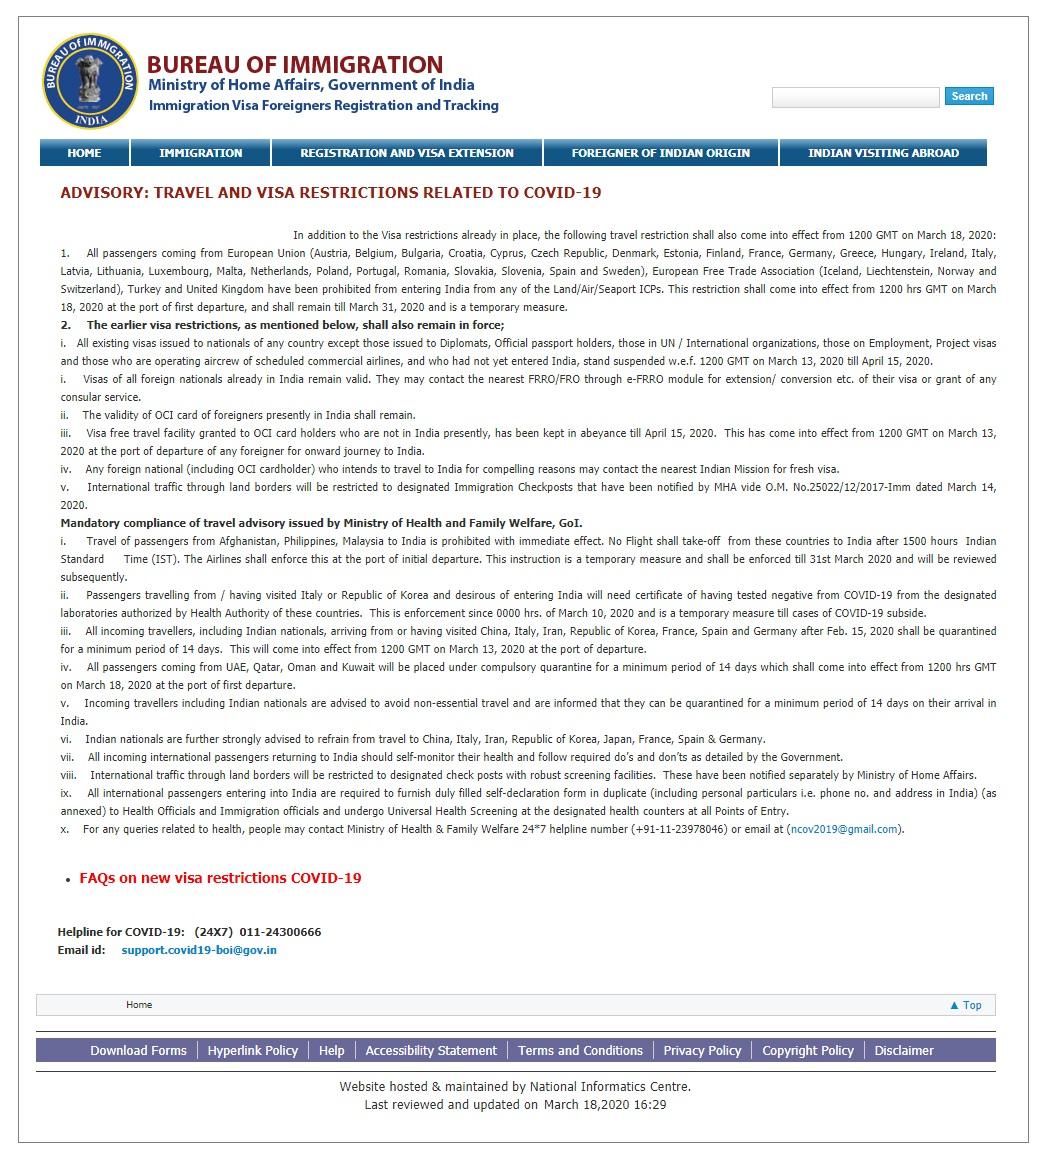 インド移民局が2020/3/18に発表したトラベルアドバイザリー